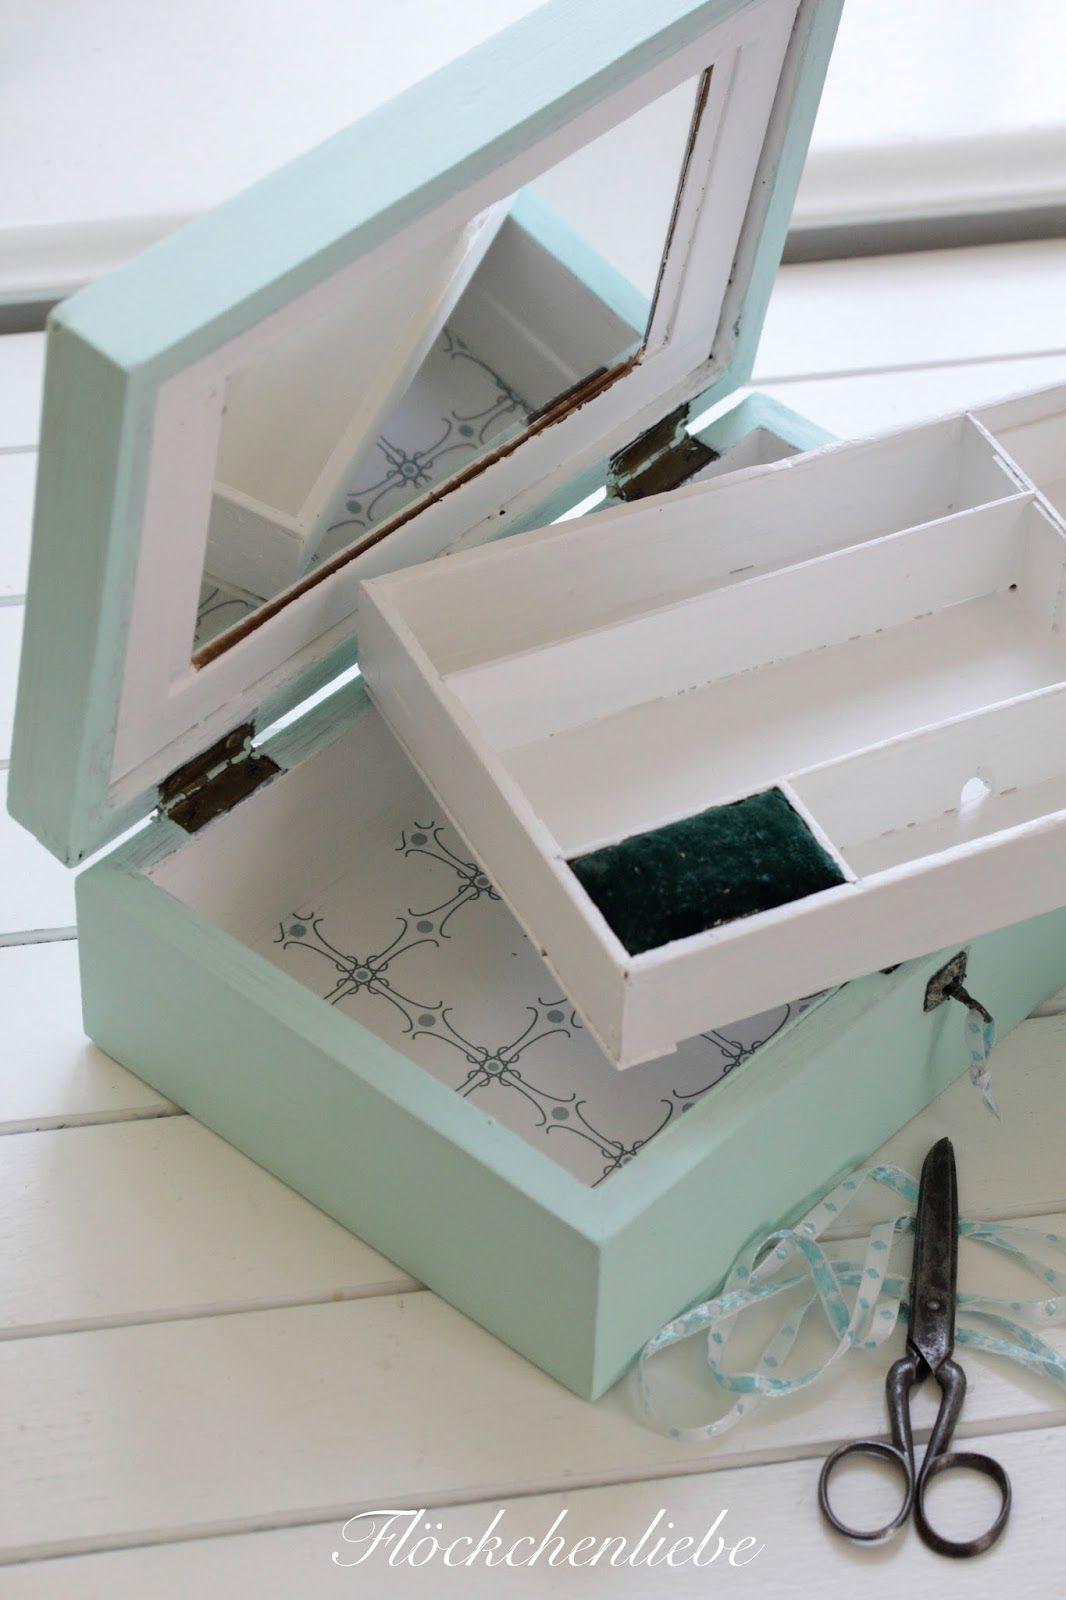 vorher nachher mit kreidefarbe kreidefarbe selbst herstellen alte kisten vom flohmarkt. Black Bedroom Furniture Sets. Home Design Ideas